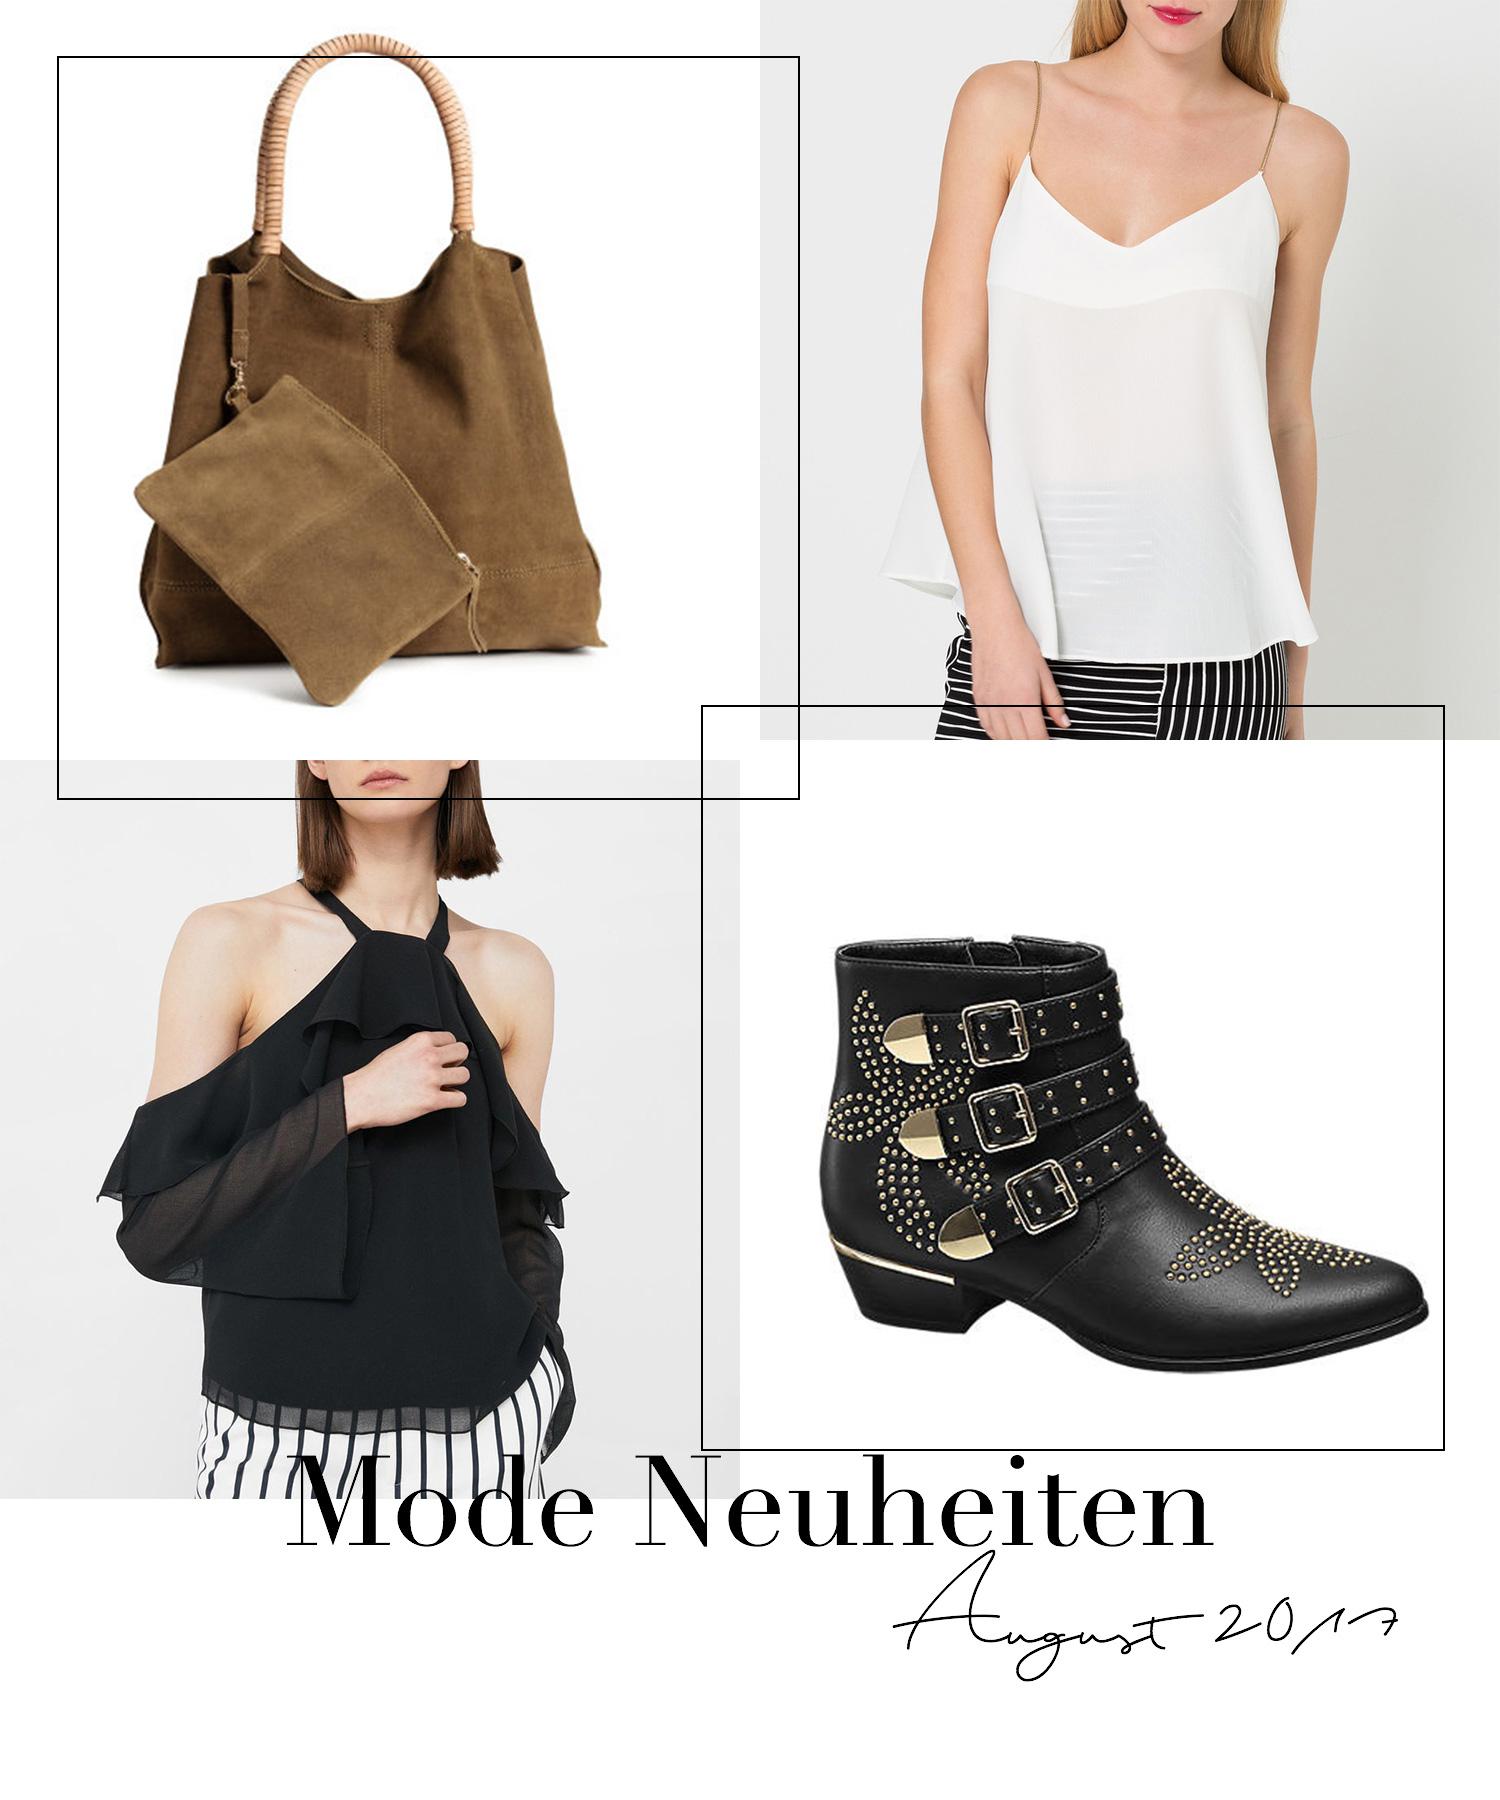 August Favoriten 2017, Monatsrückblick, Mode Neuheiten, Khaki Wildledertasche H&M Premium, Mango schulterfreie Bluse, Deichmann Stiefeletten mit Nieten, bezauberndenana.de